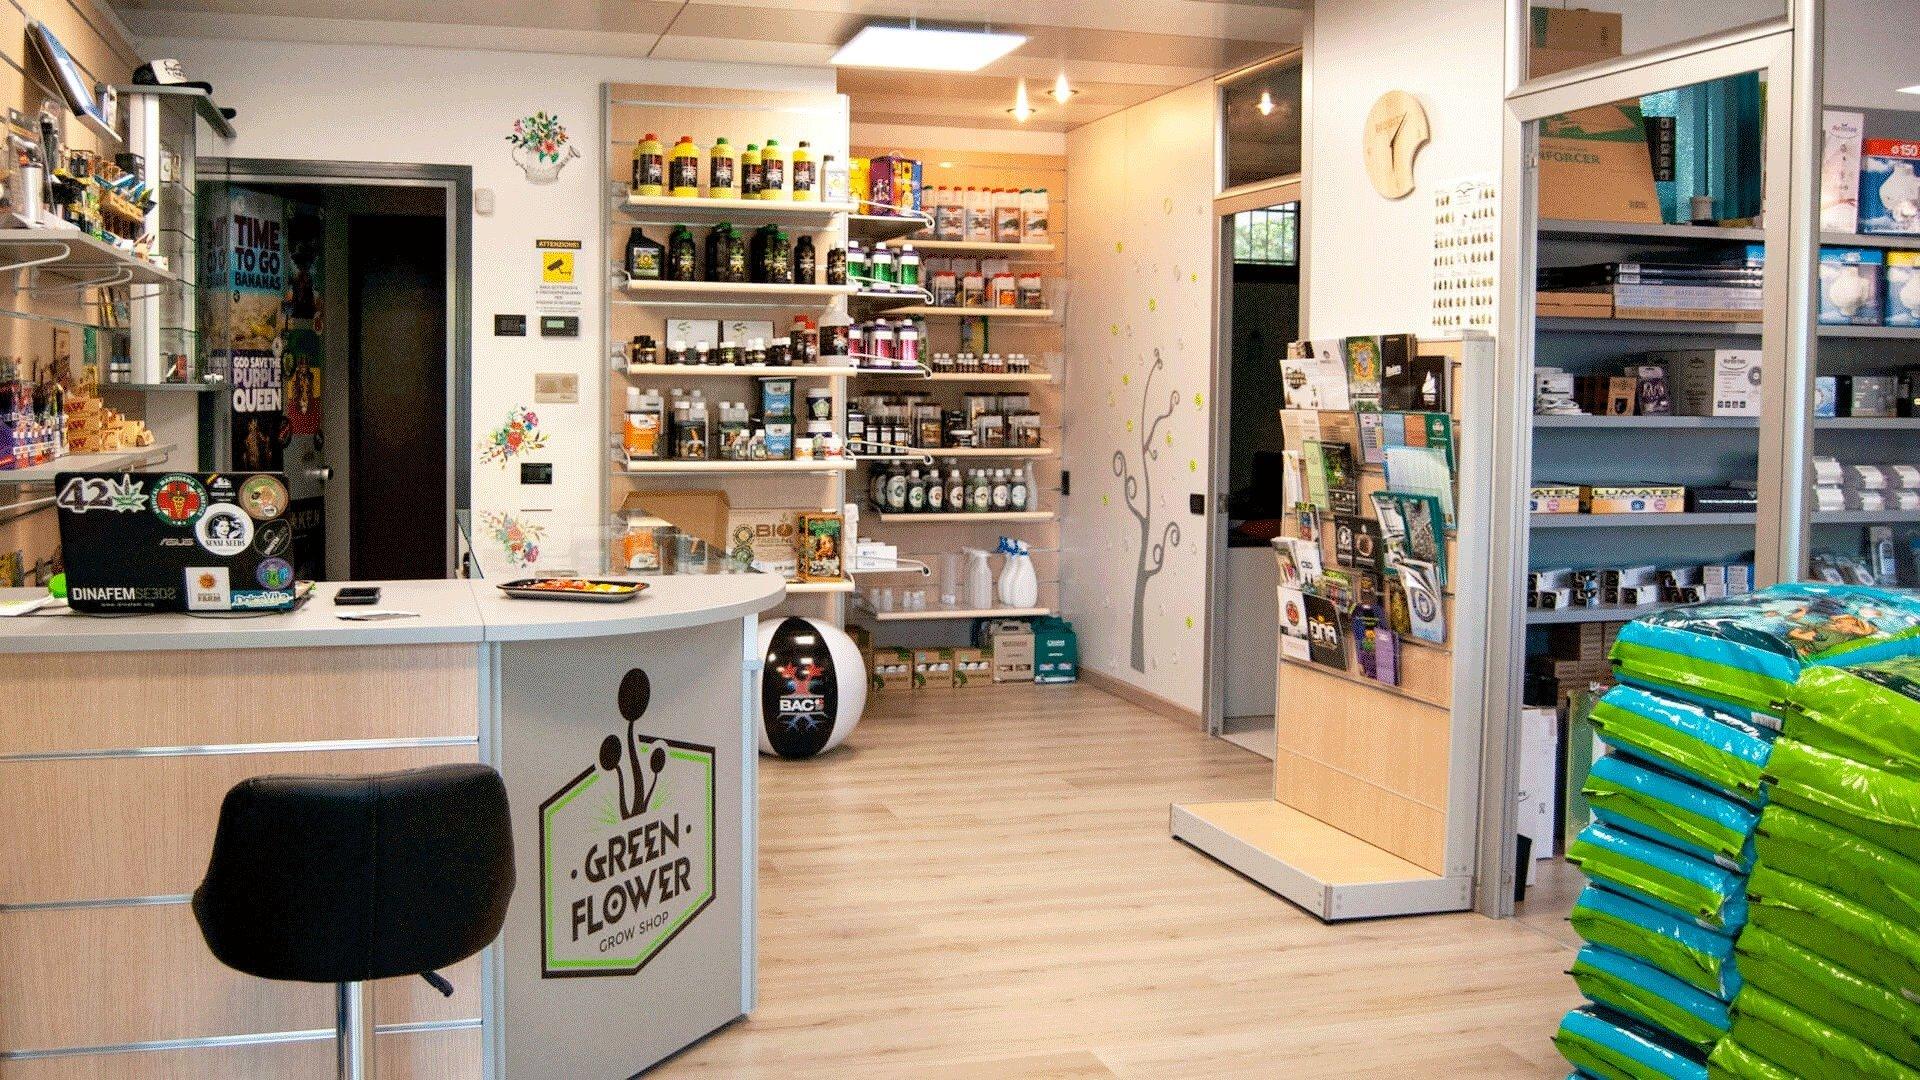 negozio-green-flower